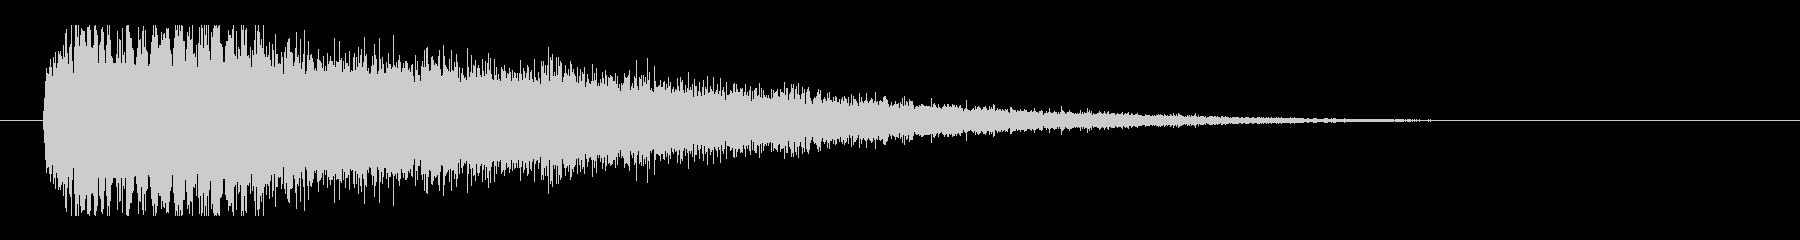 レーザー音-102-3の未再生の波形